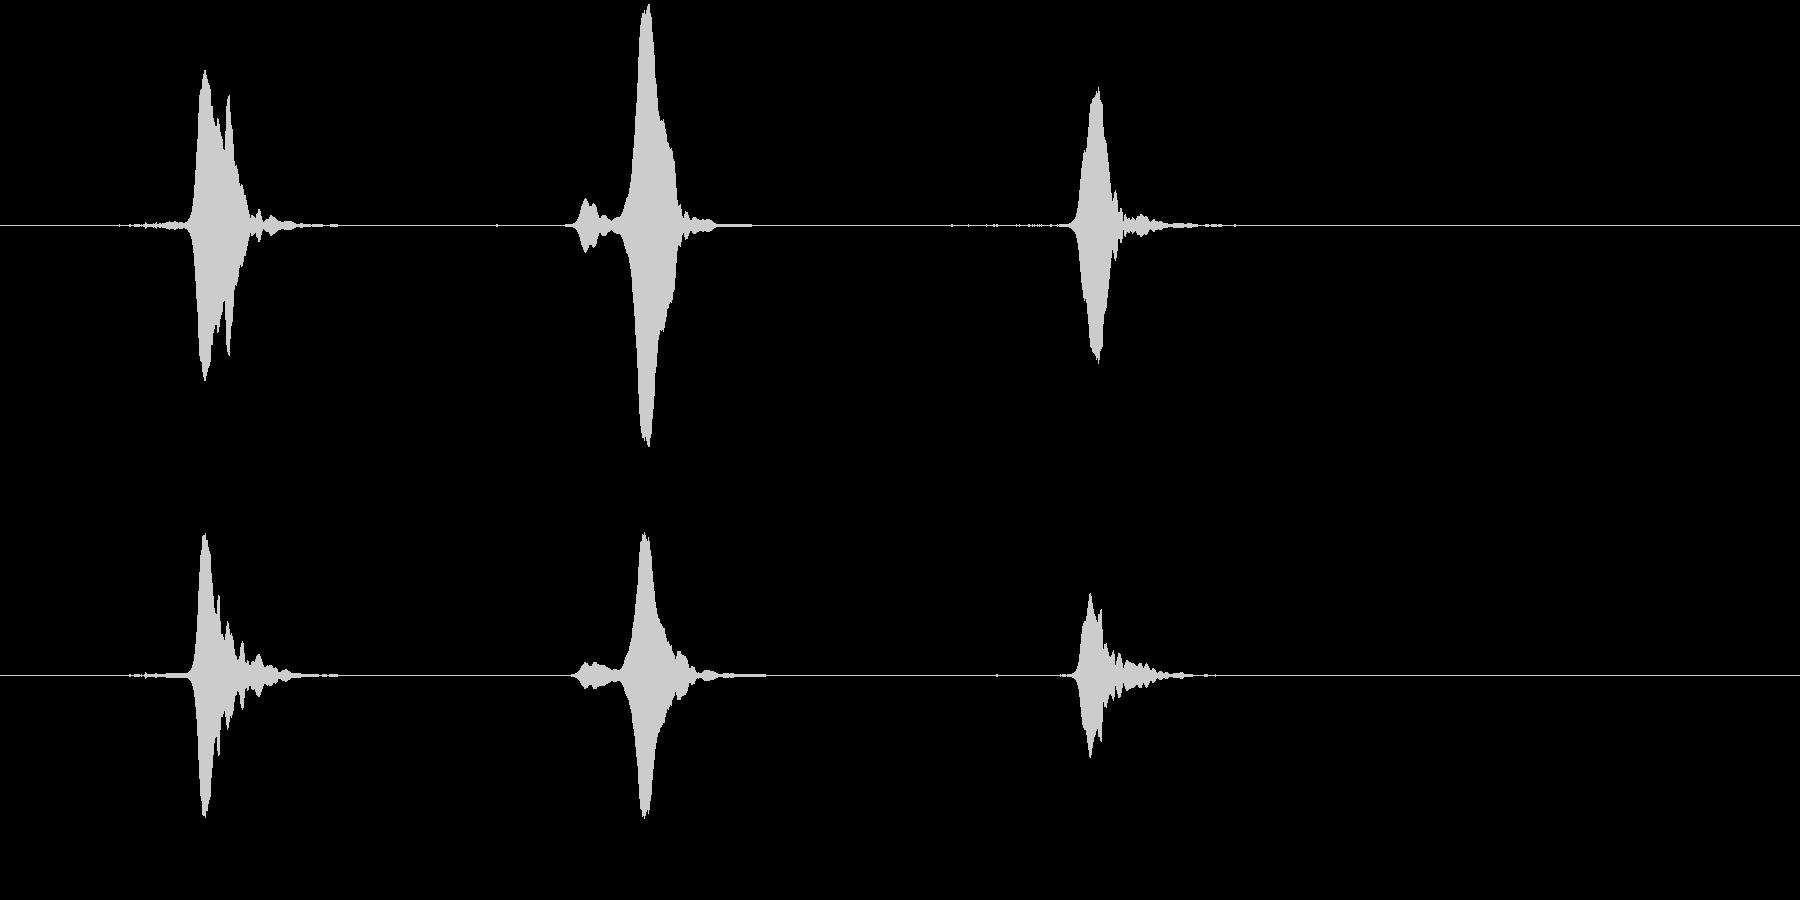 キイキイキイ(蛇口)の未再生の波形